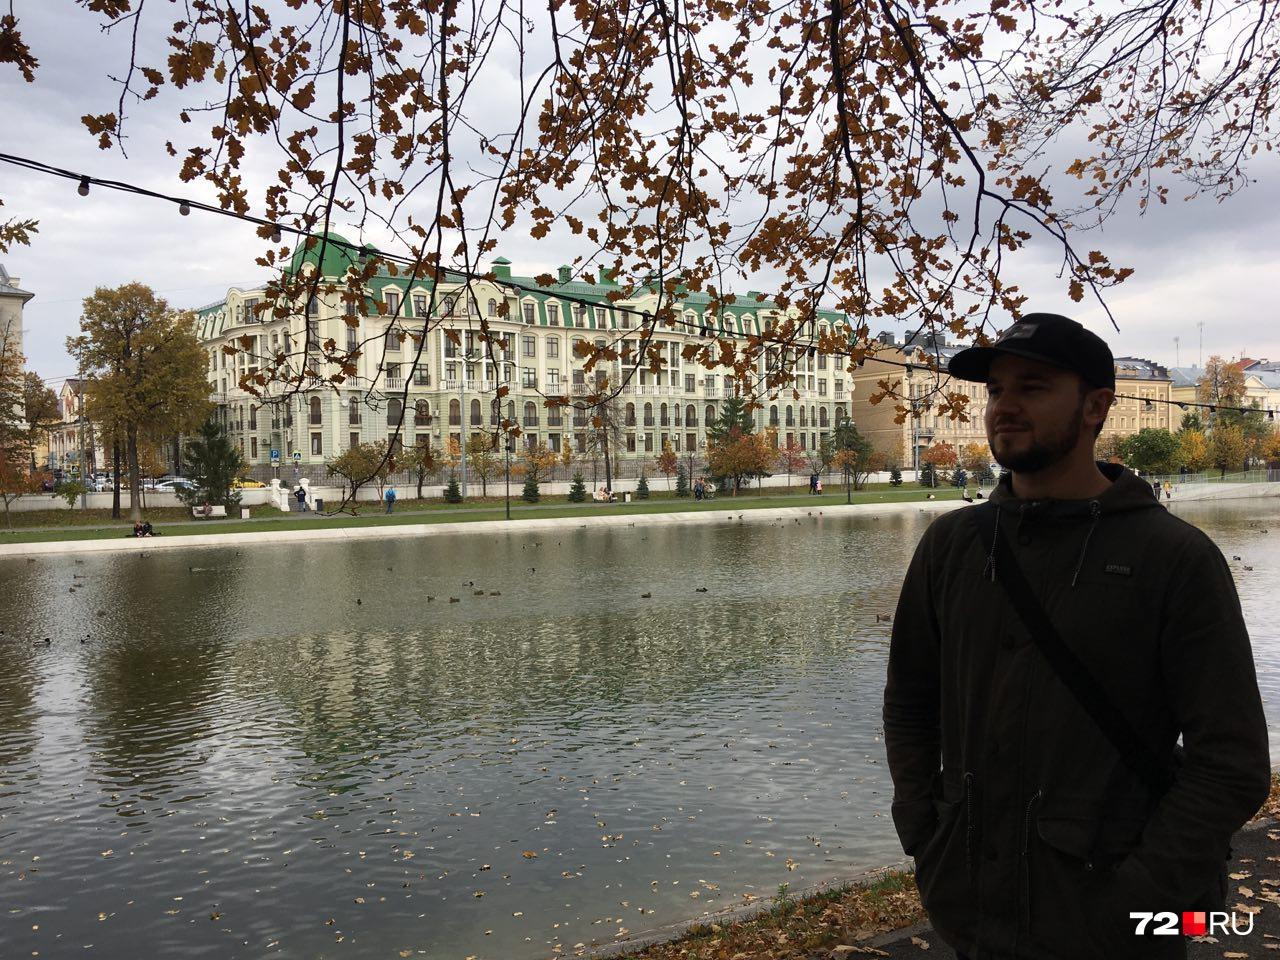 Прудик с утками в самом центре города. Поеду в Казань в старости, чтобы гулять по нему